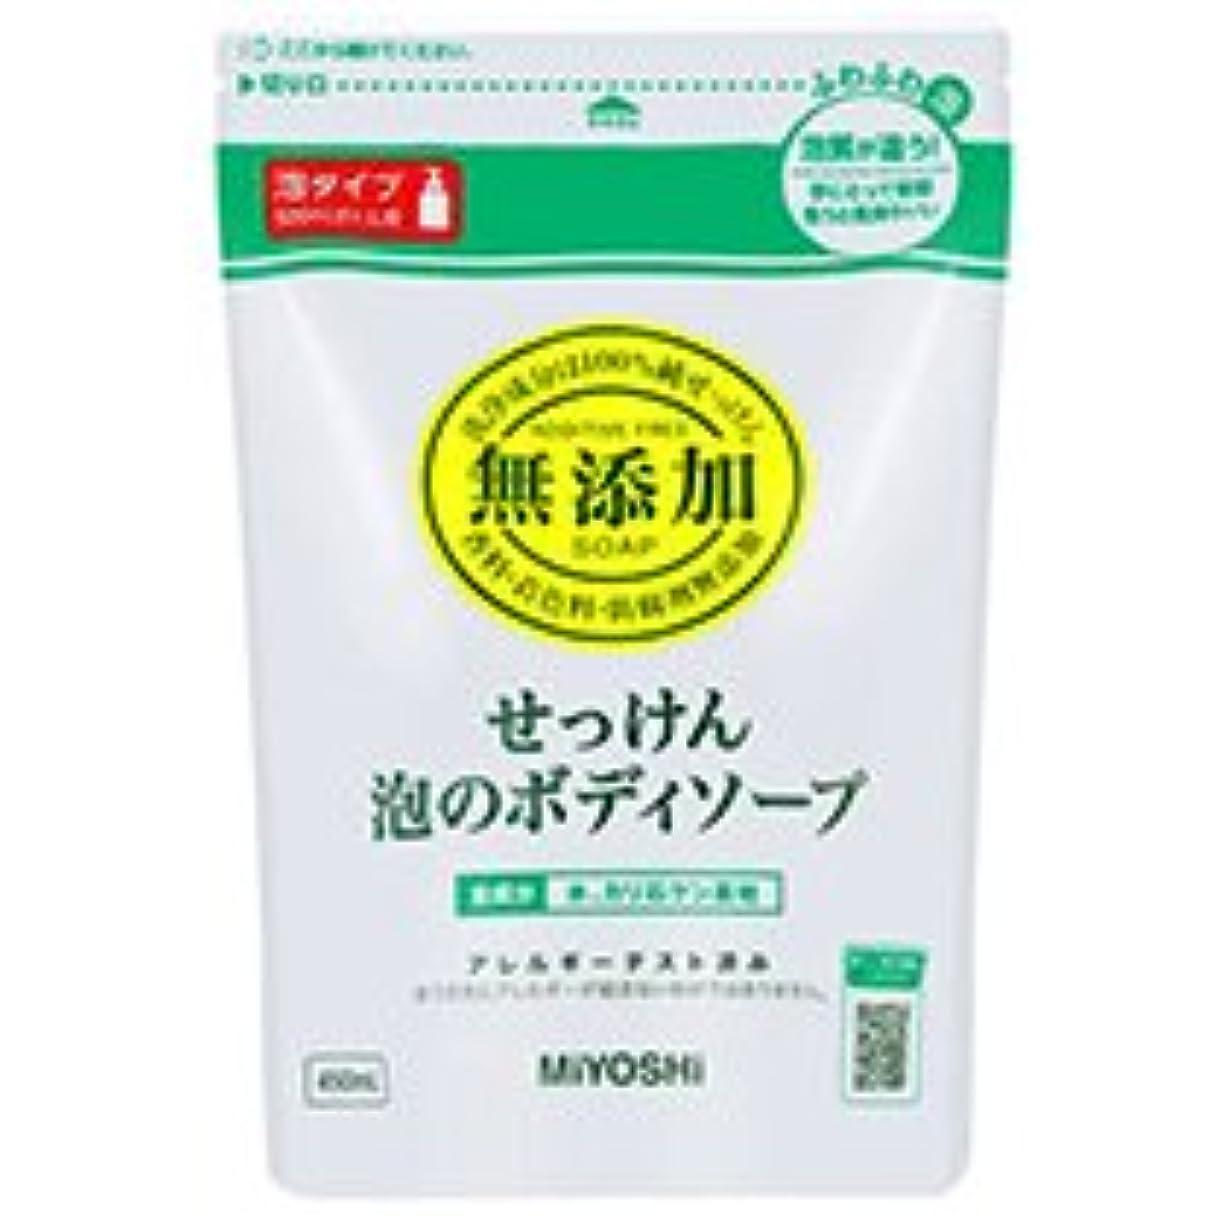 実験身元バトルミヨシ石鹸 無添加せっけん 泡のボディソープ 詰替用 450ml 1個